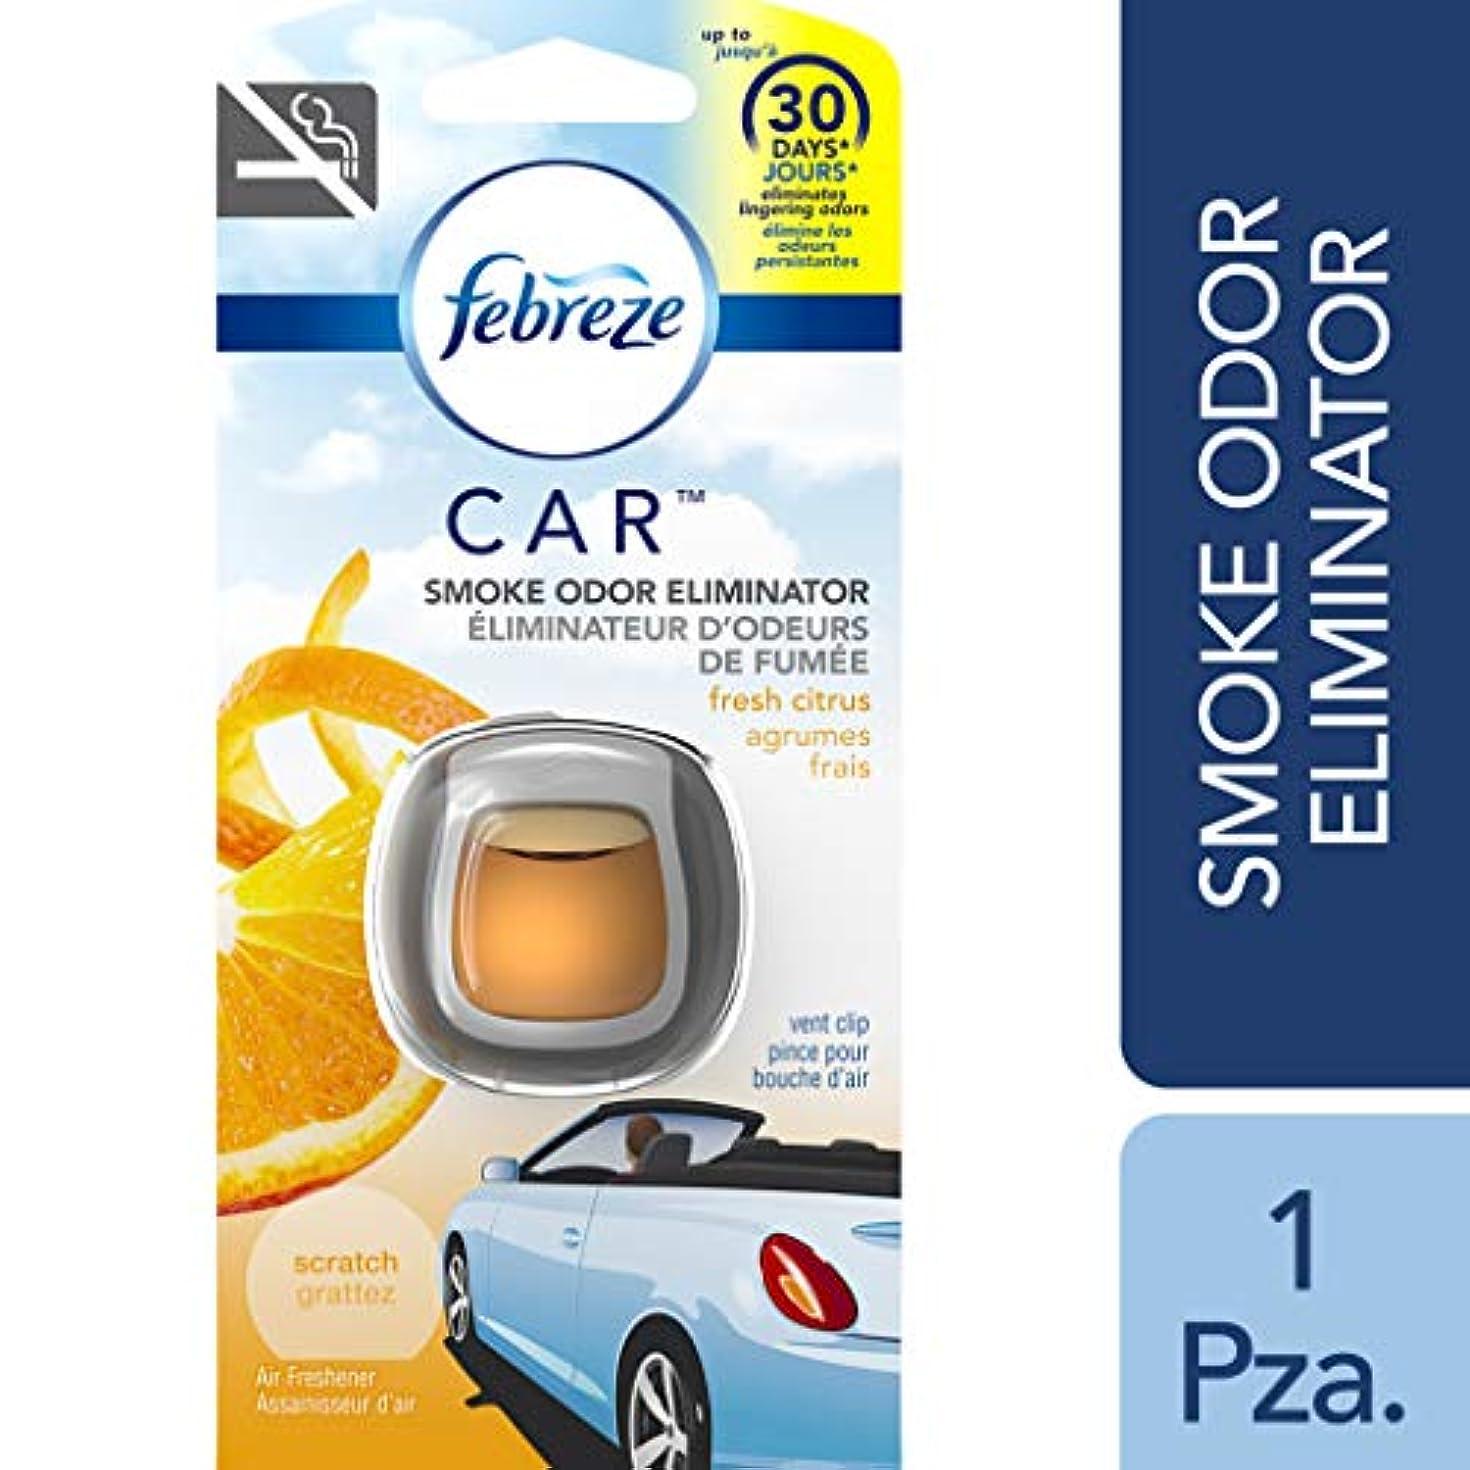 重要貸す測定Febreeze 車のベントクリップエアフレッシュナー煙の臭いエリミネーター、シトラス